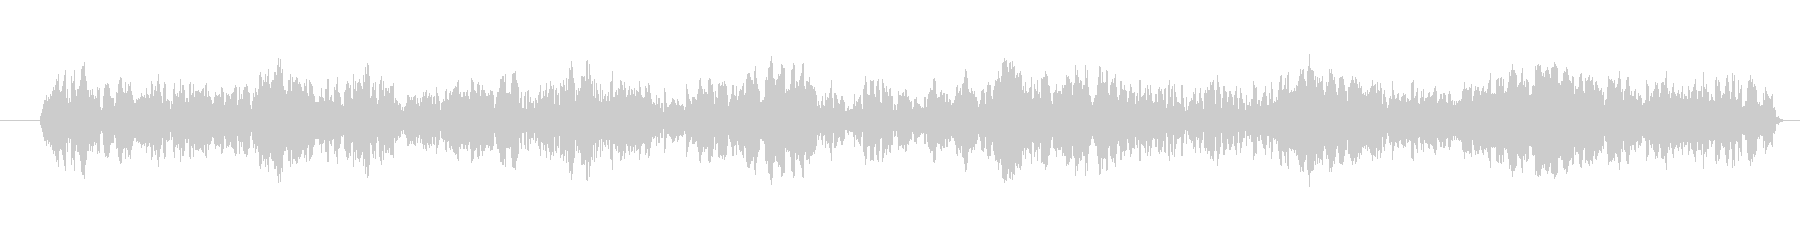 FX クレイジーサイエンティスト06の未再生の波形